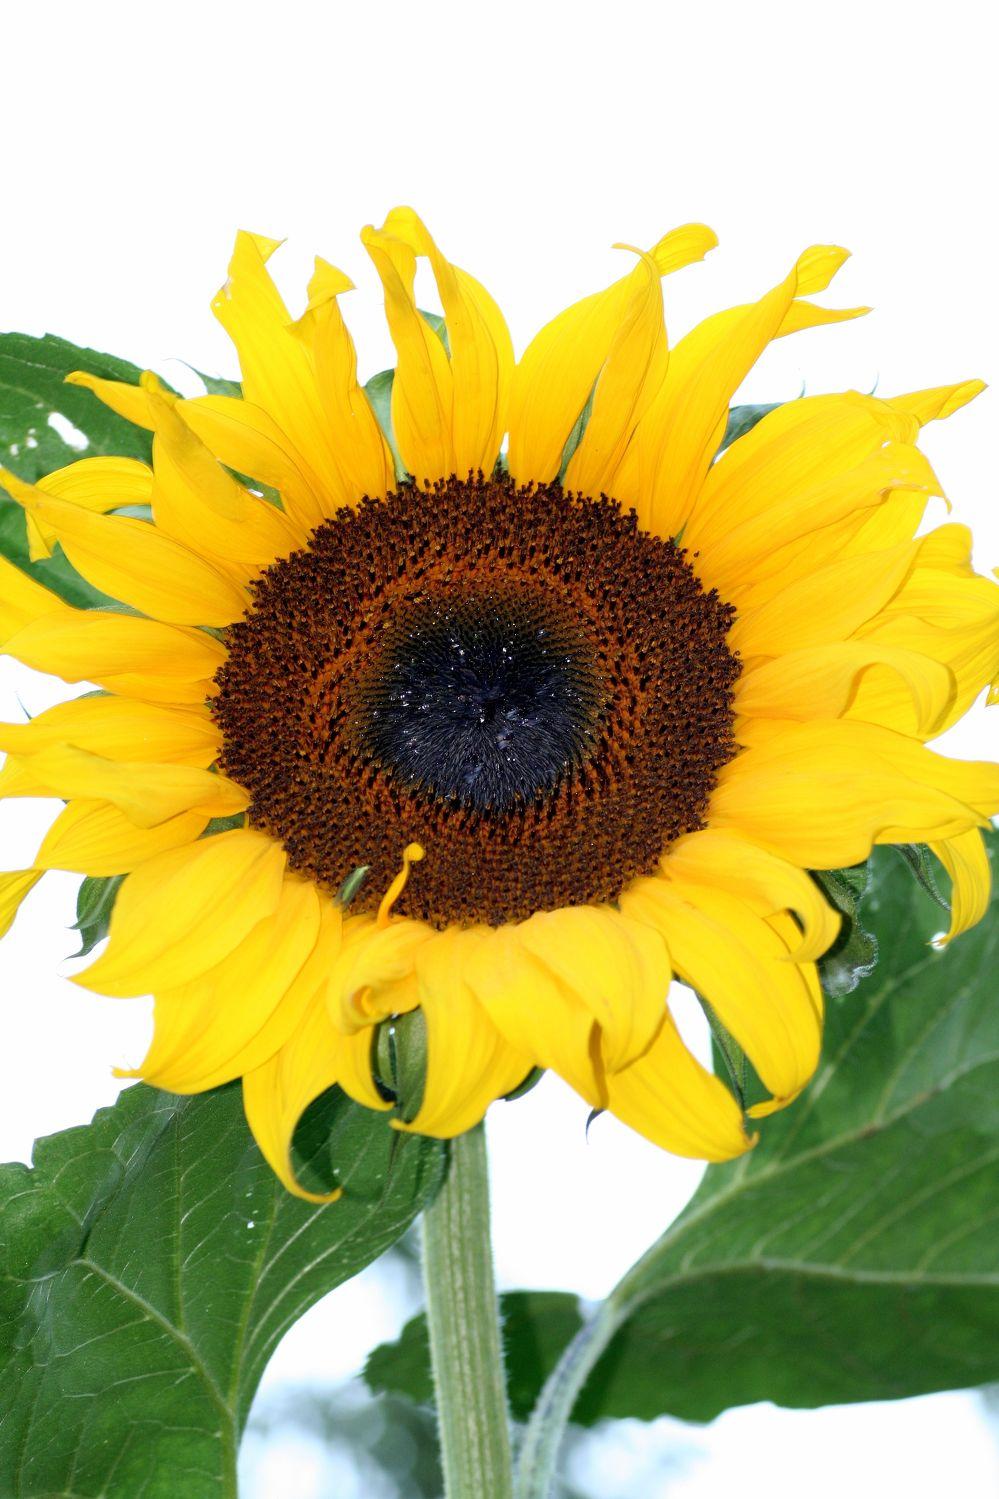 Bild mit Gelb, Natur, Pflanzen, Lebensmittel, Essen, Blumen, Korbblütler, Sonnenblumen, Blume, Flower, Flowers, Sonnenblume, Sunflower, Sunflowers